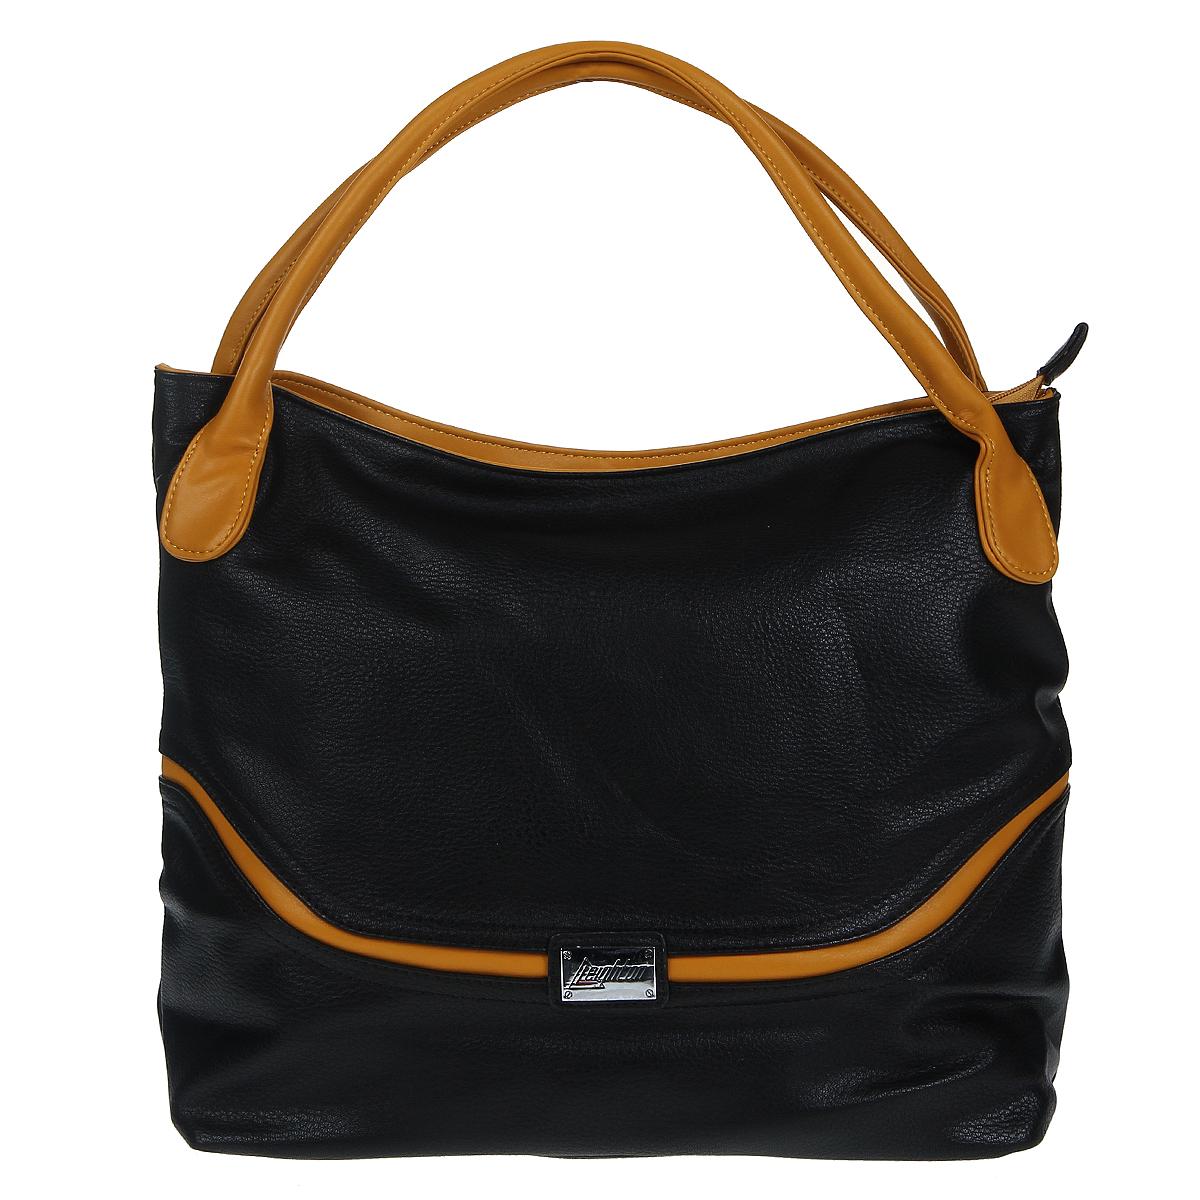 Сумка женская Leighton, цвет: черный, желтый. 76520-149/1/1166/80576520-149/1/1166/805Стильная сумка Leighton выполнена из искусственной кожи черного цвета с желтыми вставками. Сумка имеет одно вместительное отделение, закрывающееся на молнию. Внутри - смежный карман на молнии, вышитый карман на молнии и два накладных кармана. На задней стенке - дополнительный карман на молнии. Сумка оснащена двумя ручками. Фурнитура серебристого цвета. Модная сумка подчеркнет ваш яркий стиль и сделает образ модным и завершенным. Характеристики: Материал: искусственная кожа, металл, текстиль. Цвет: черный, желтый. Размер сумки: 38 см х 30 см х 13 см. Высота ручек: 19 см. Артикул: 76520-149/1/1166/805.